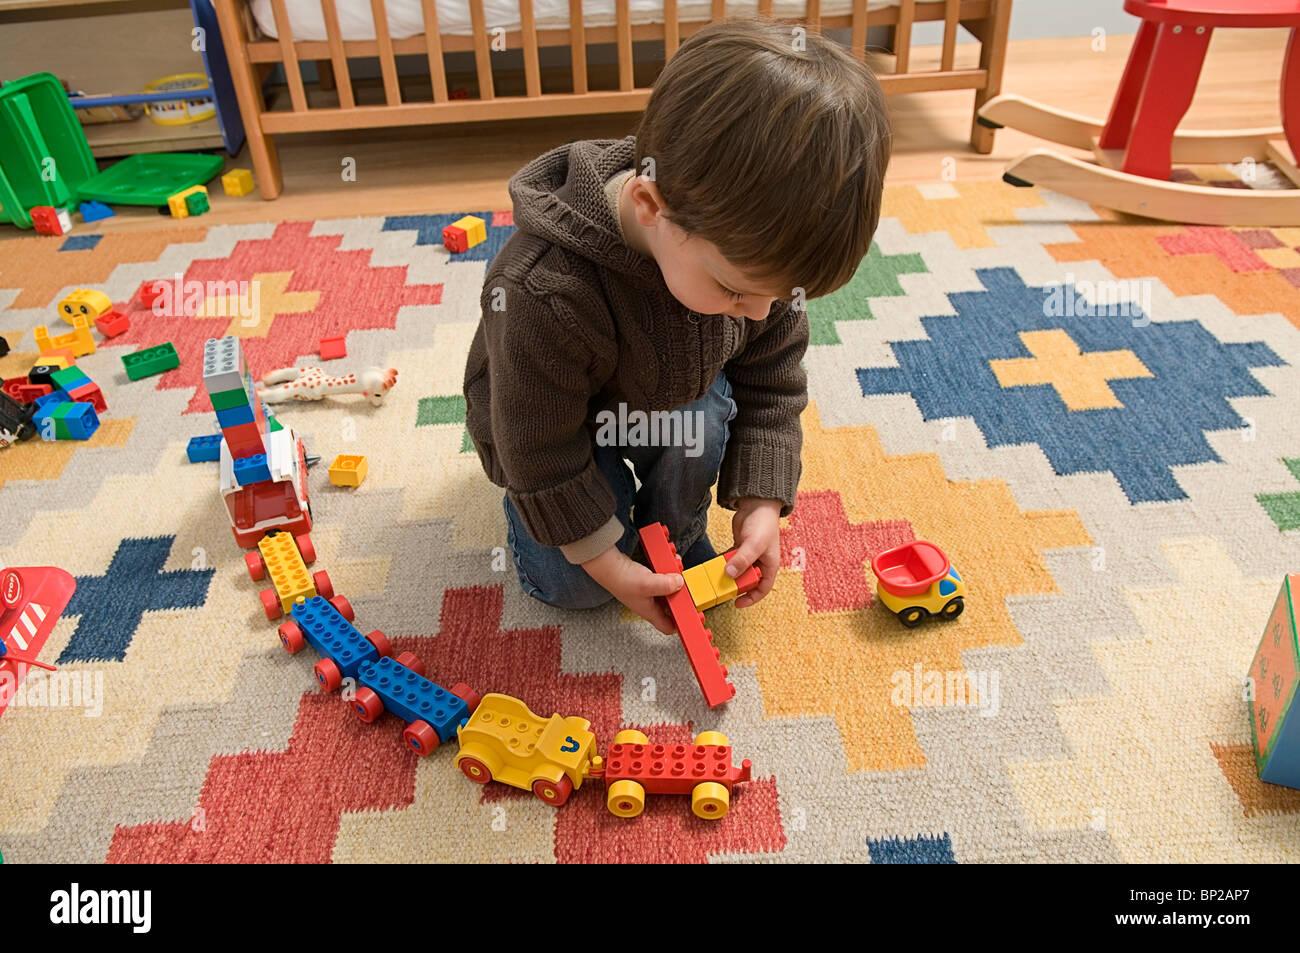 Emile playing with Lego - Stock Image